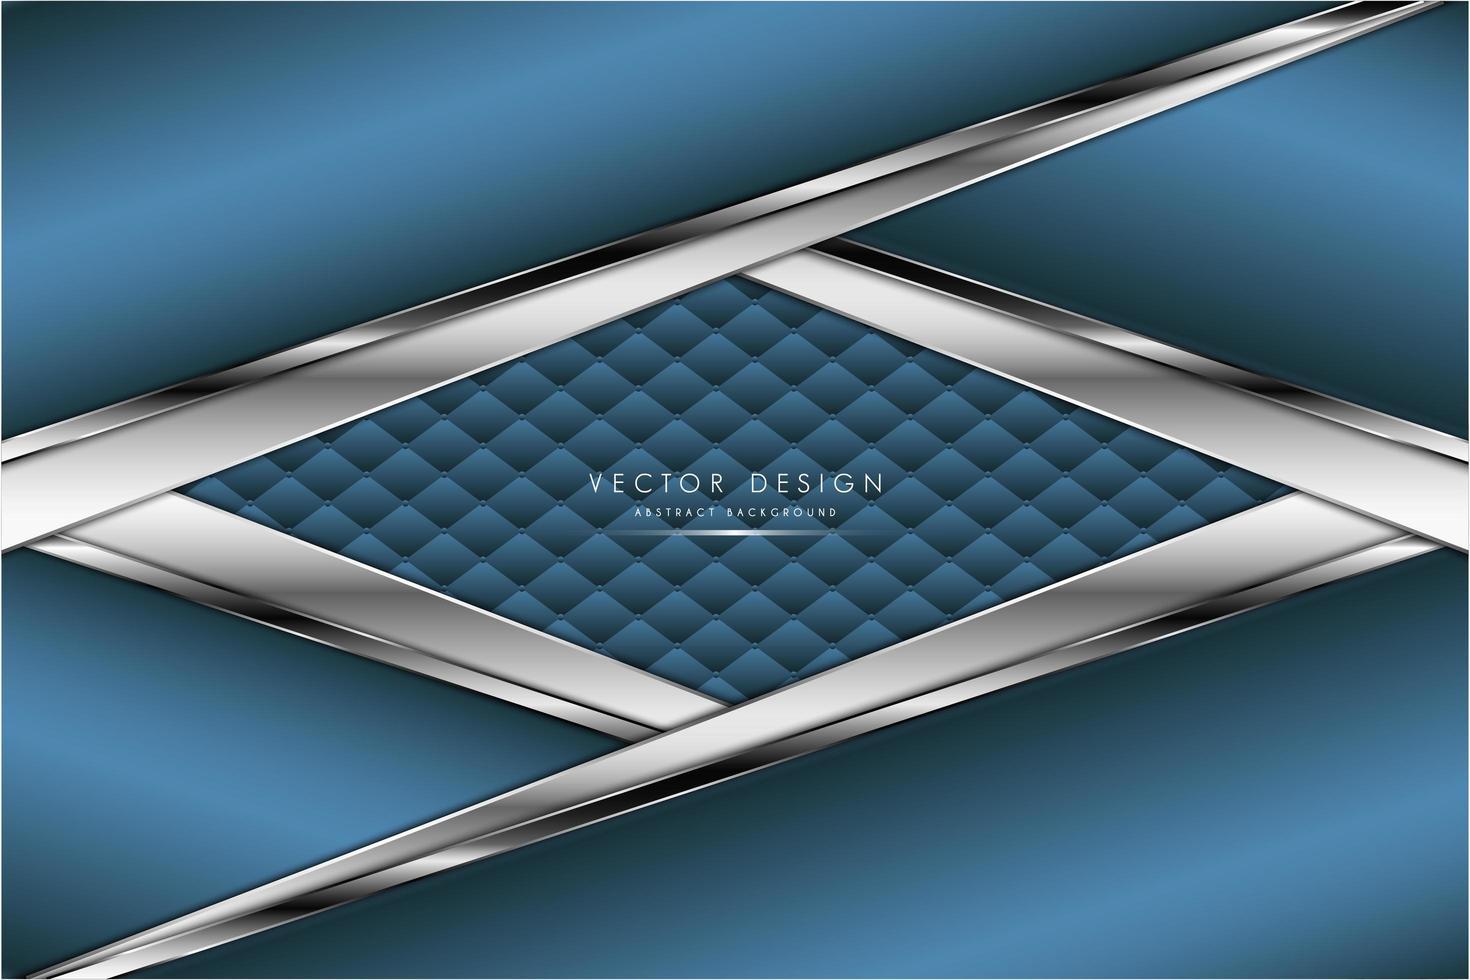 paneles metálicos angulados en azul y plata con textura de tapicería vector